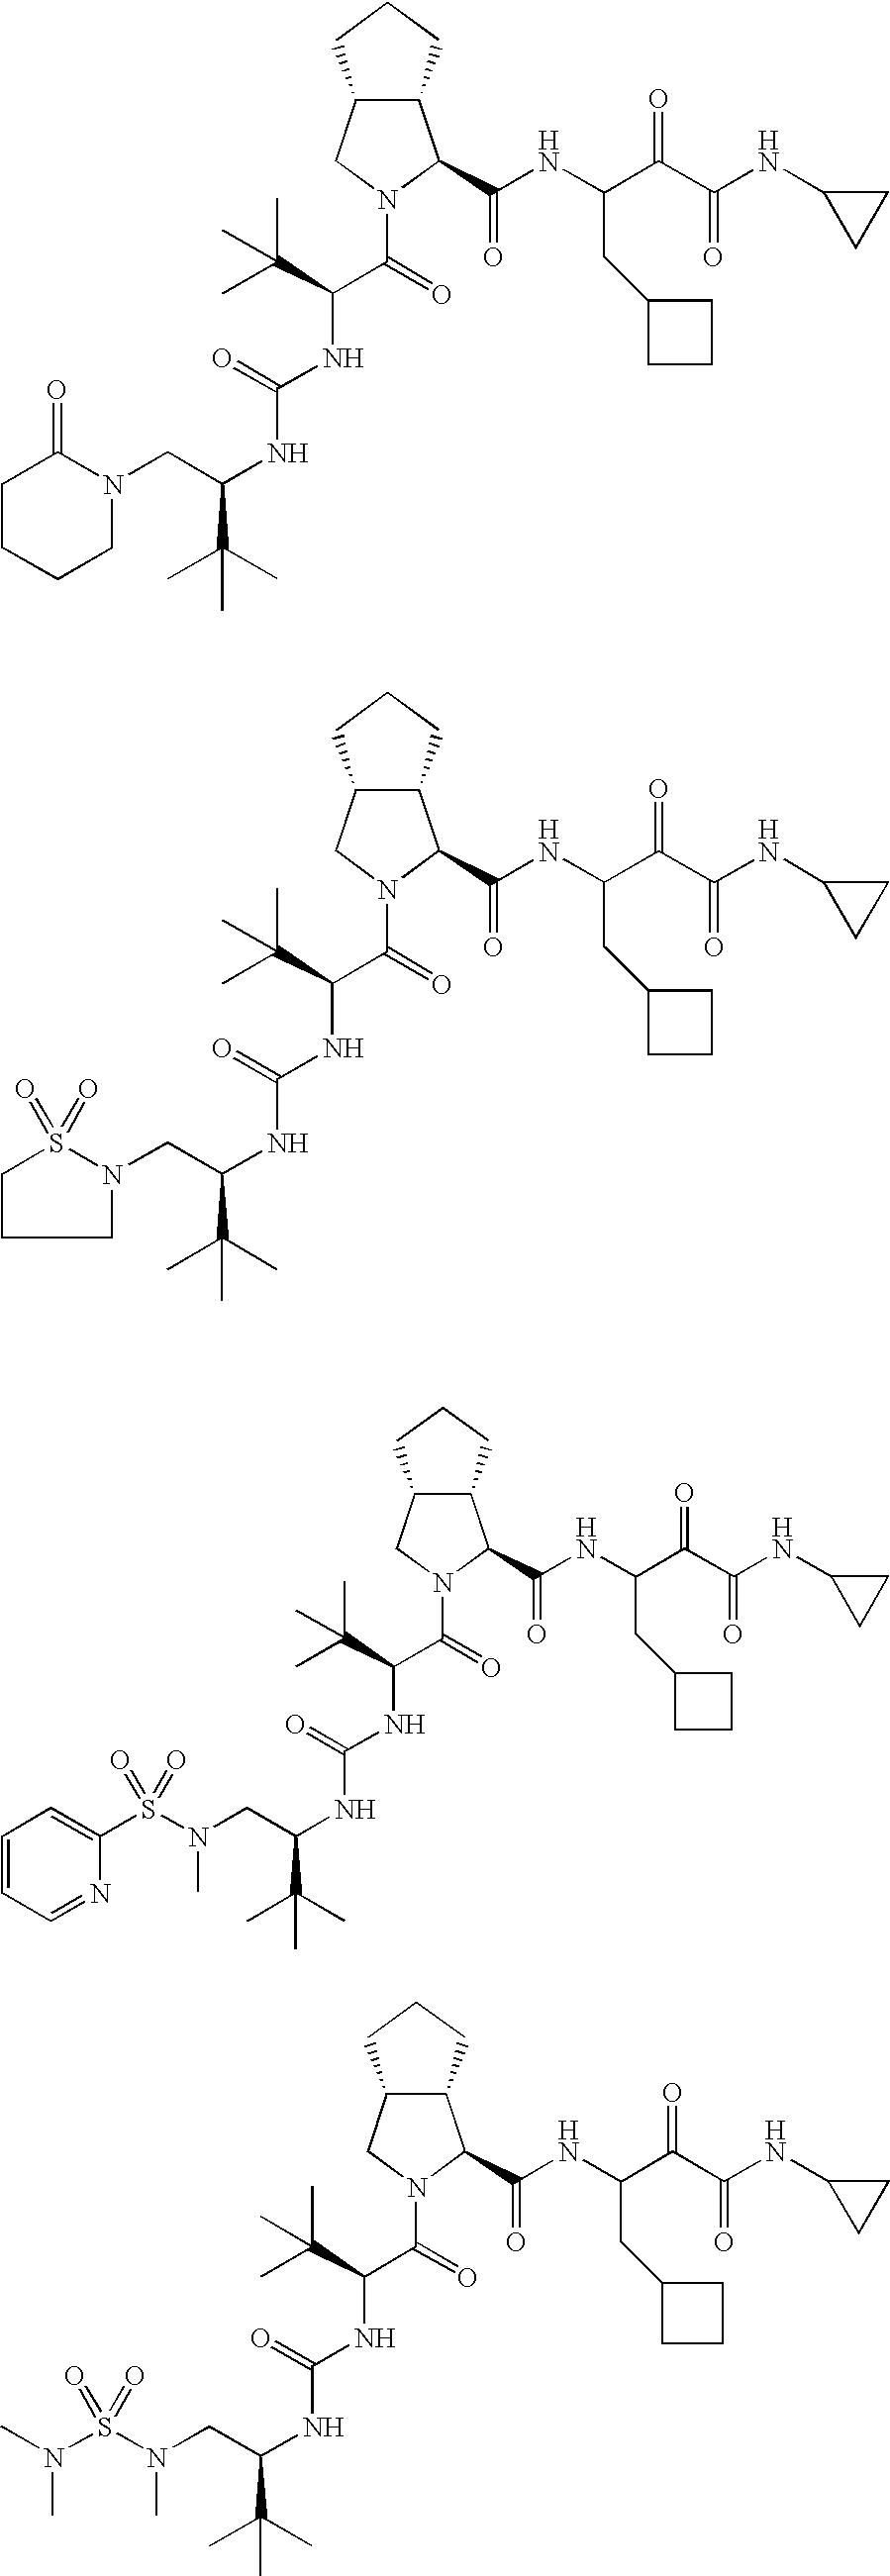 Figure US20060287248A1-20061221-C00541